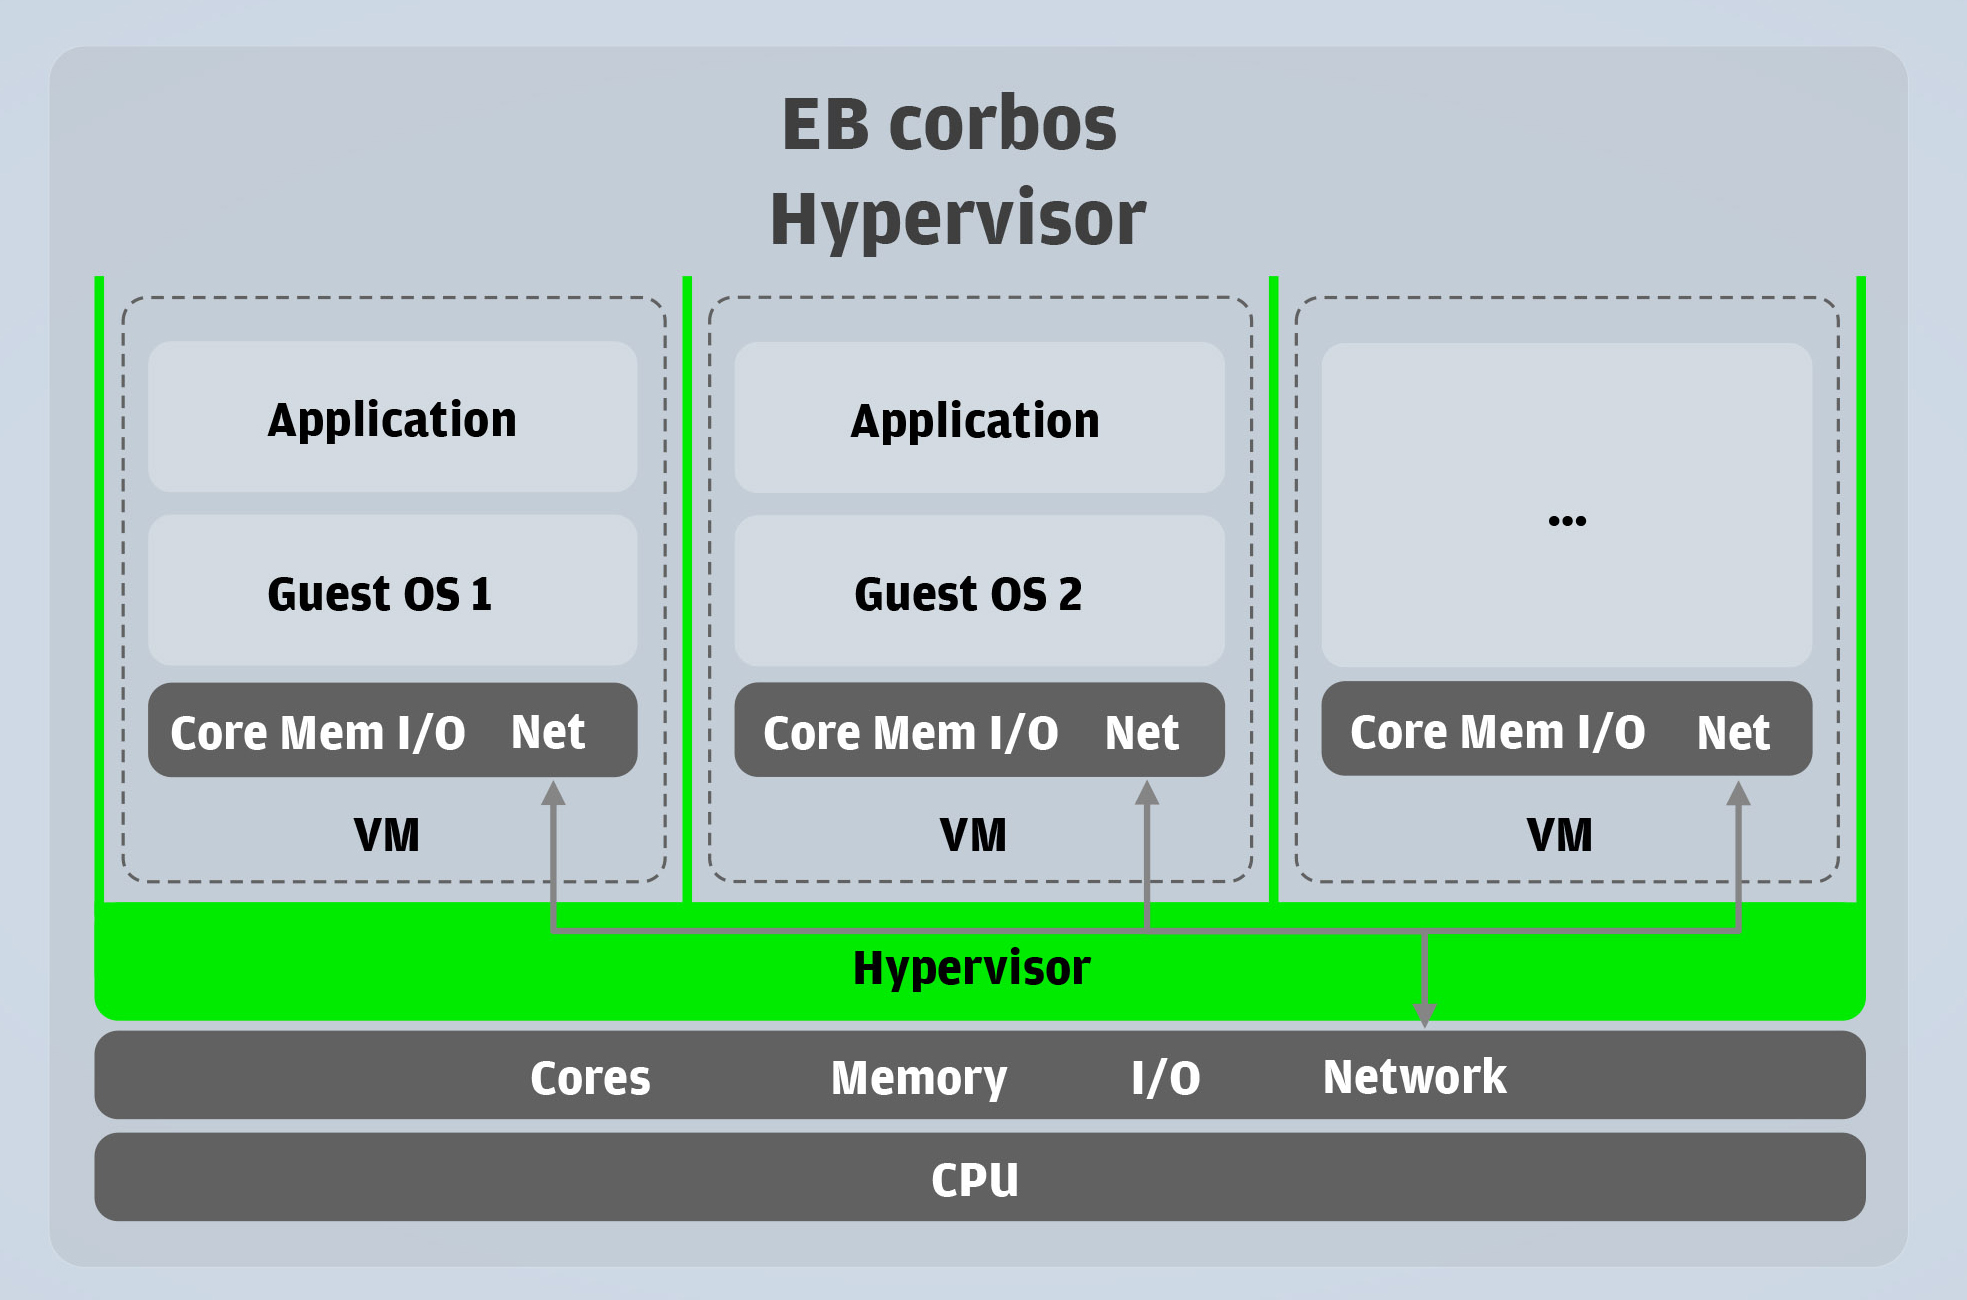 EB corbos Hypervisor_A